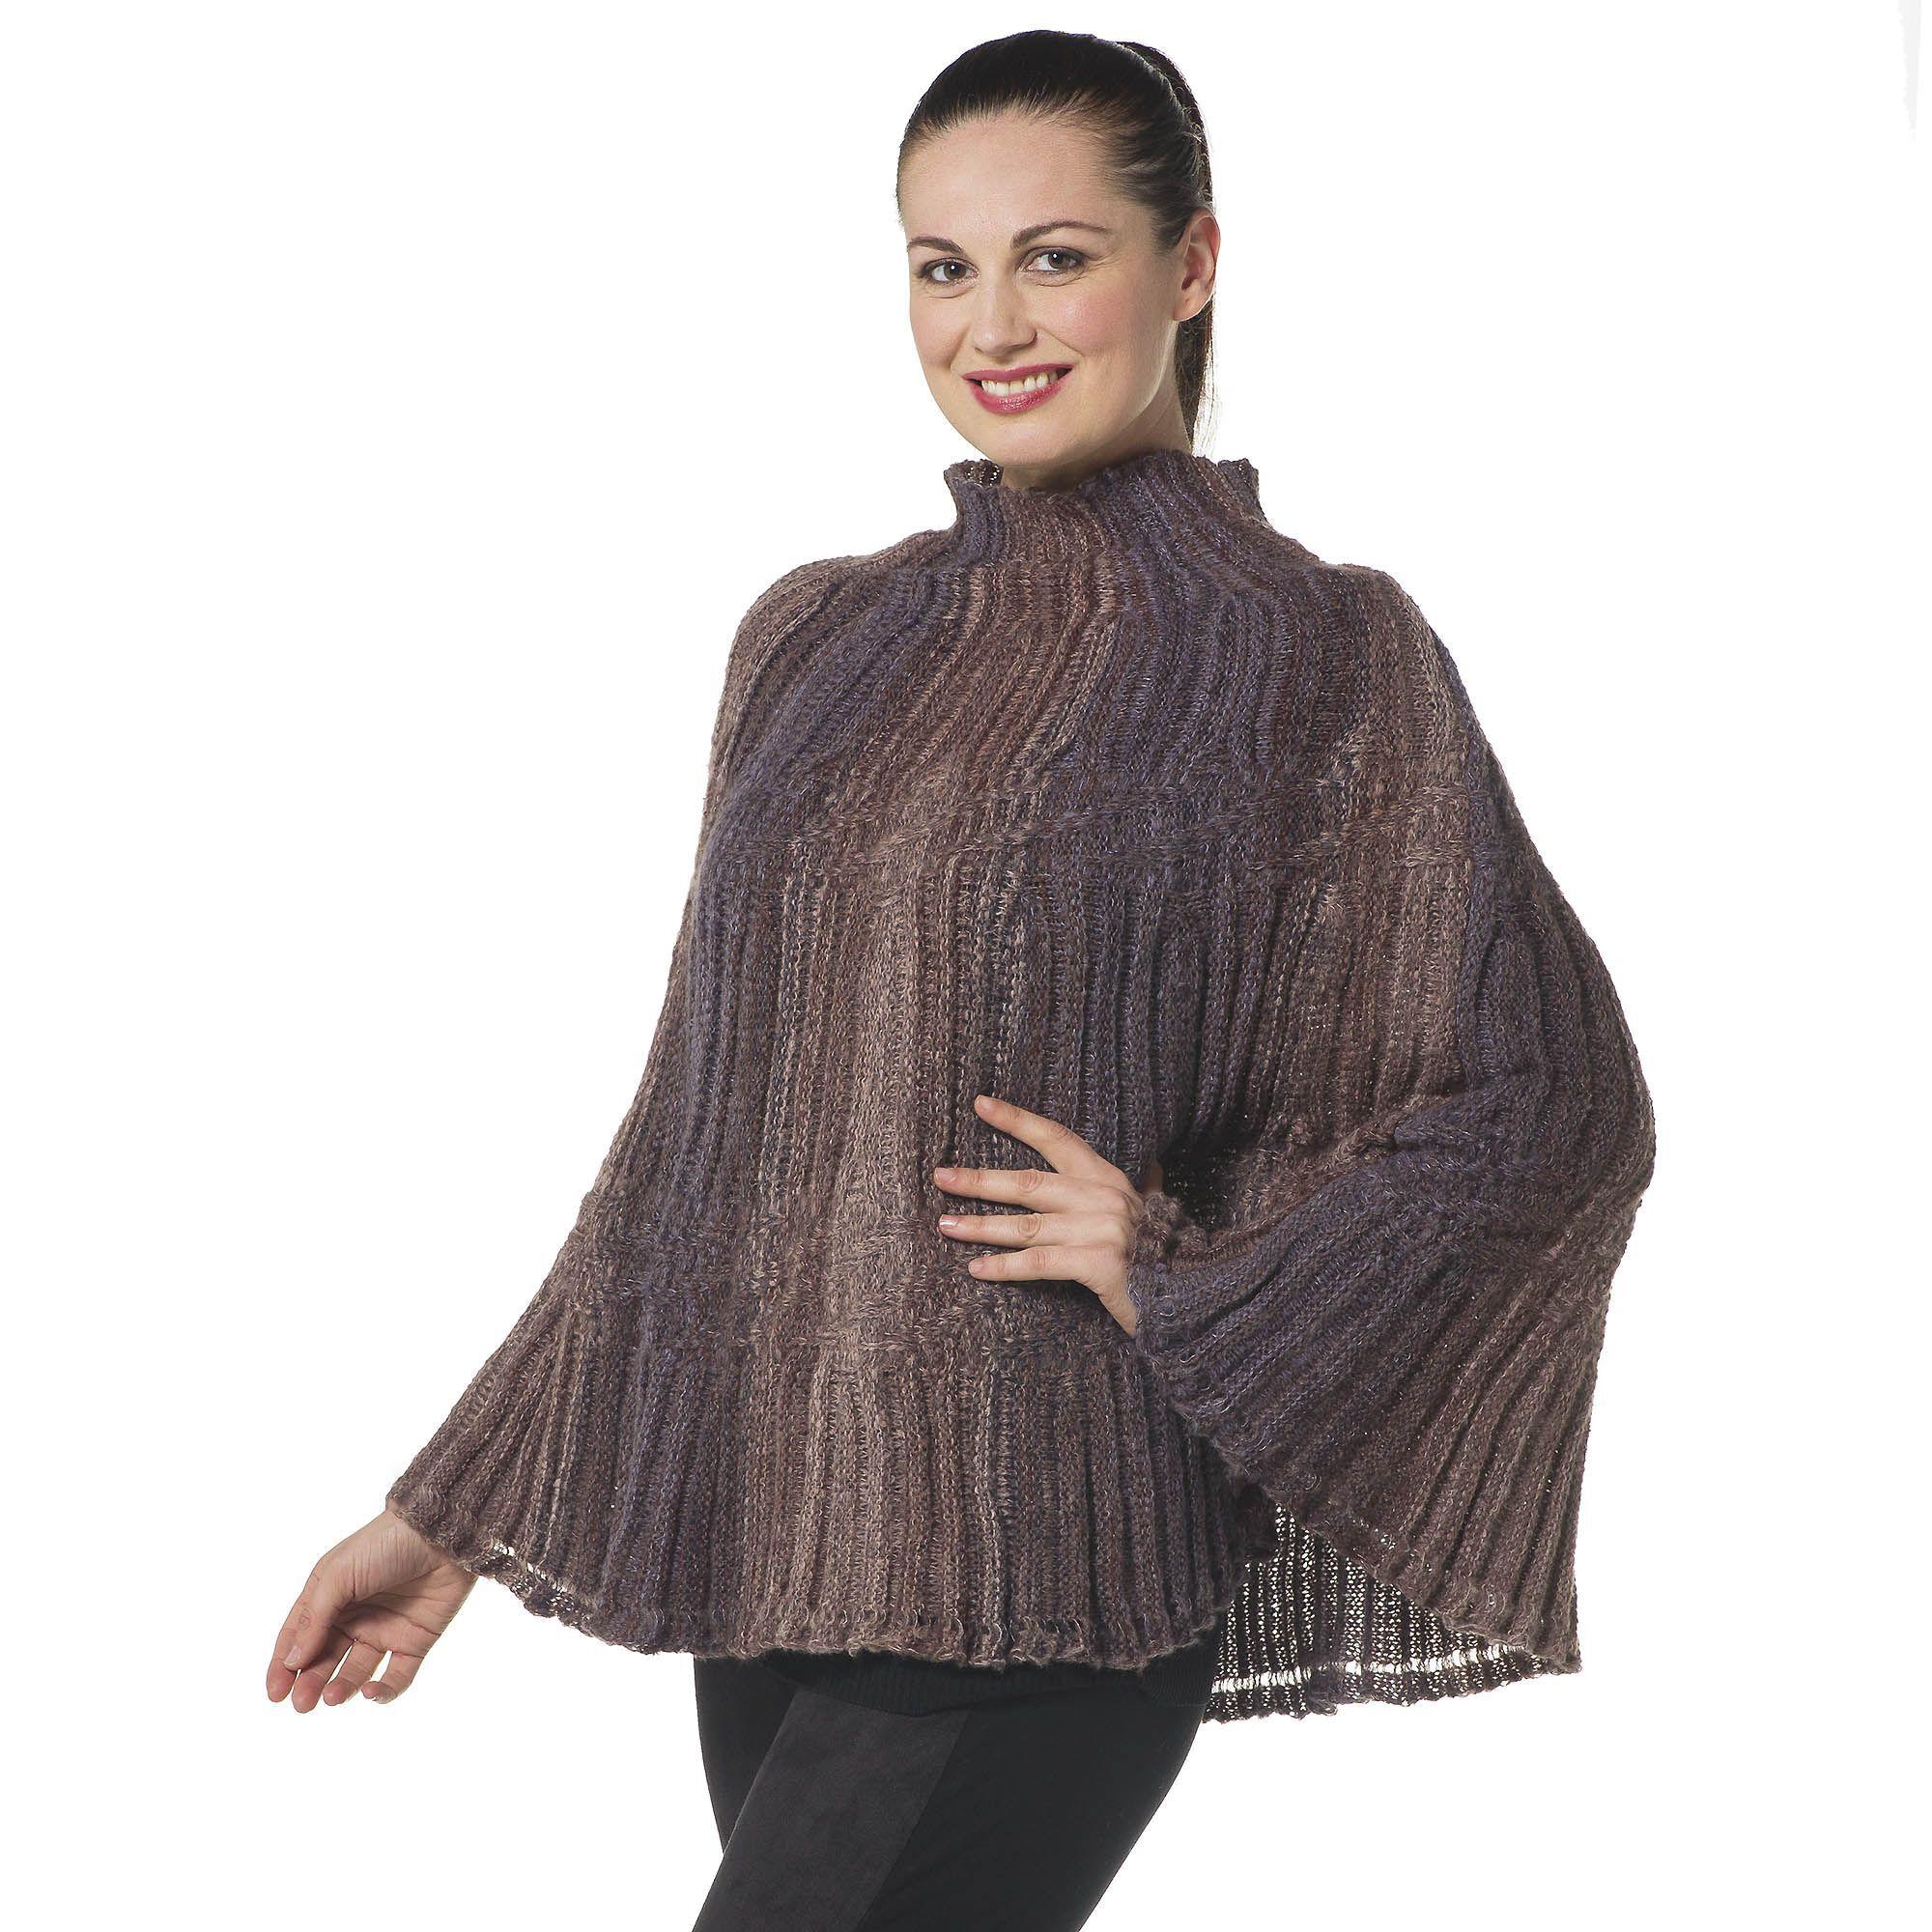 Via Poncho in maglia con lavorazione a rilievo